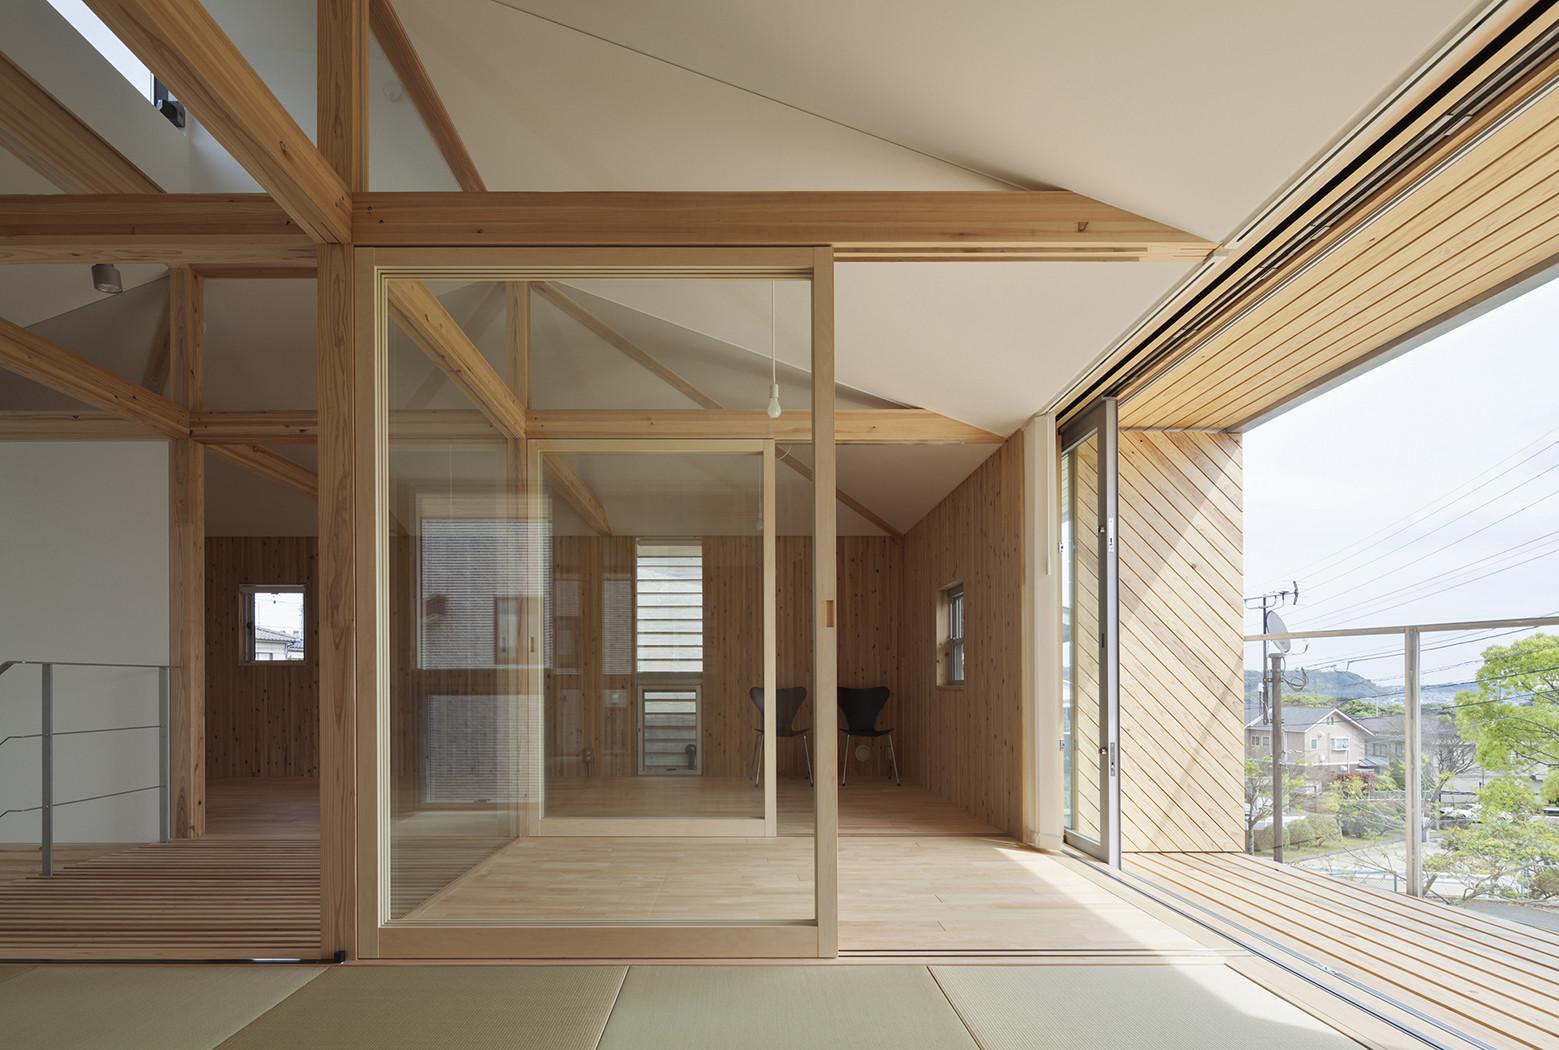 Casa Híbrida de Madera / Architecture Studio Nolla, © Yosuke Harigane